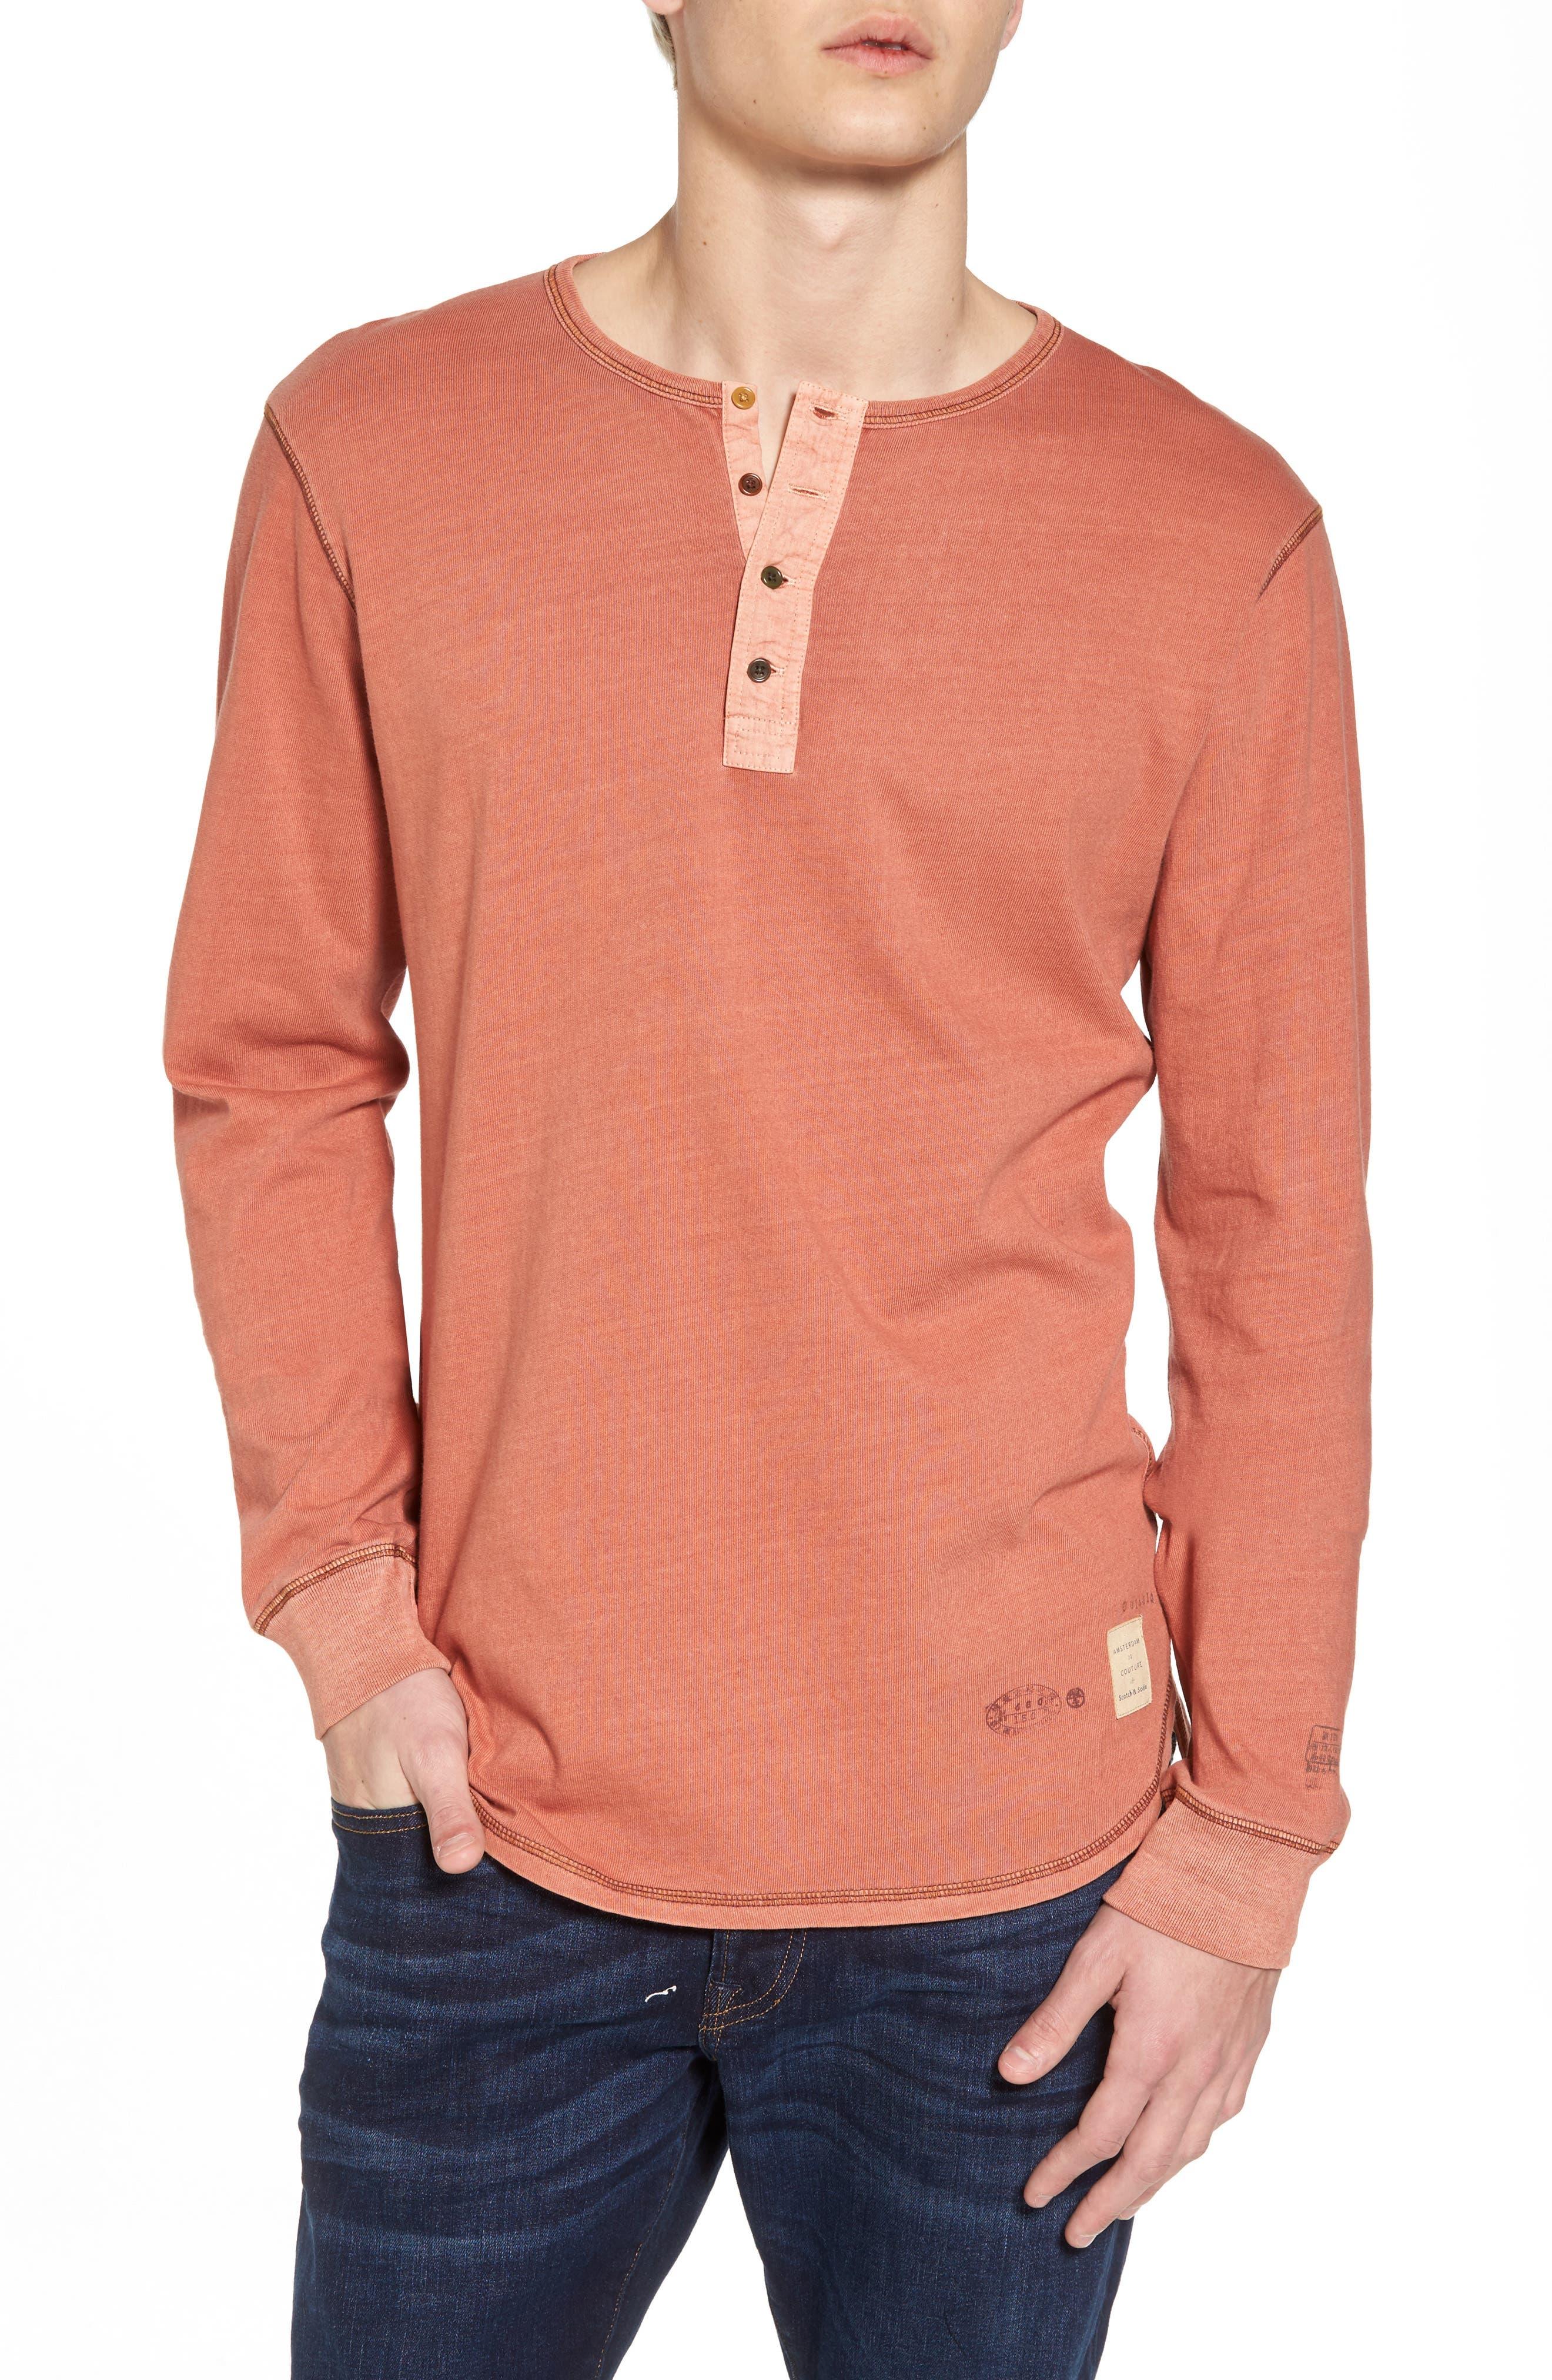 Granddad T Shirt by Scotch & Soda